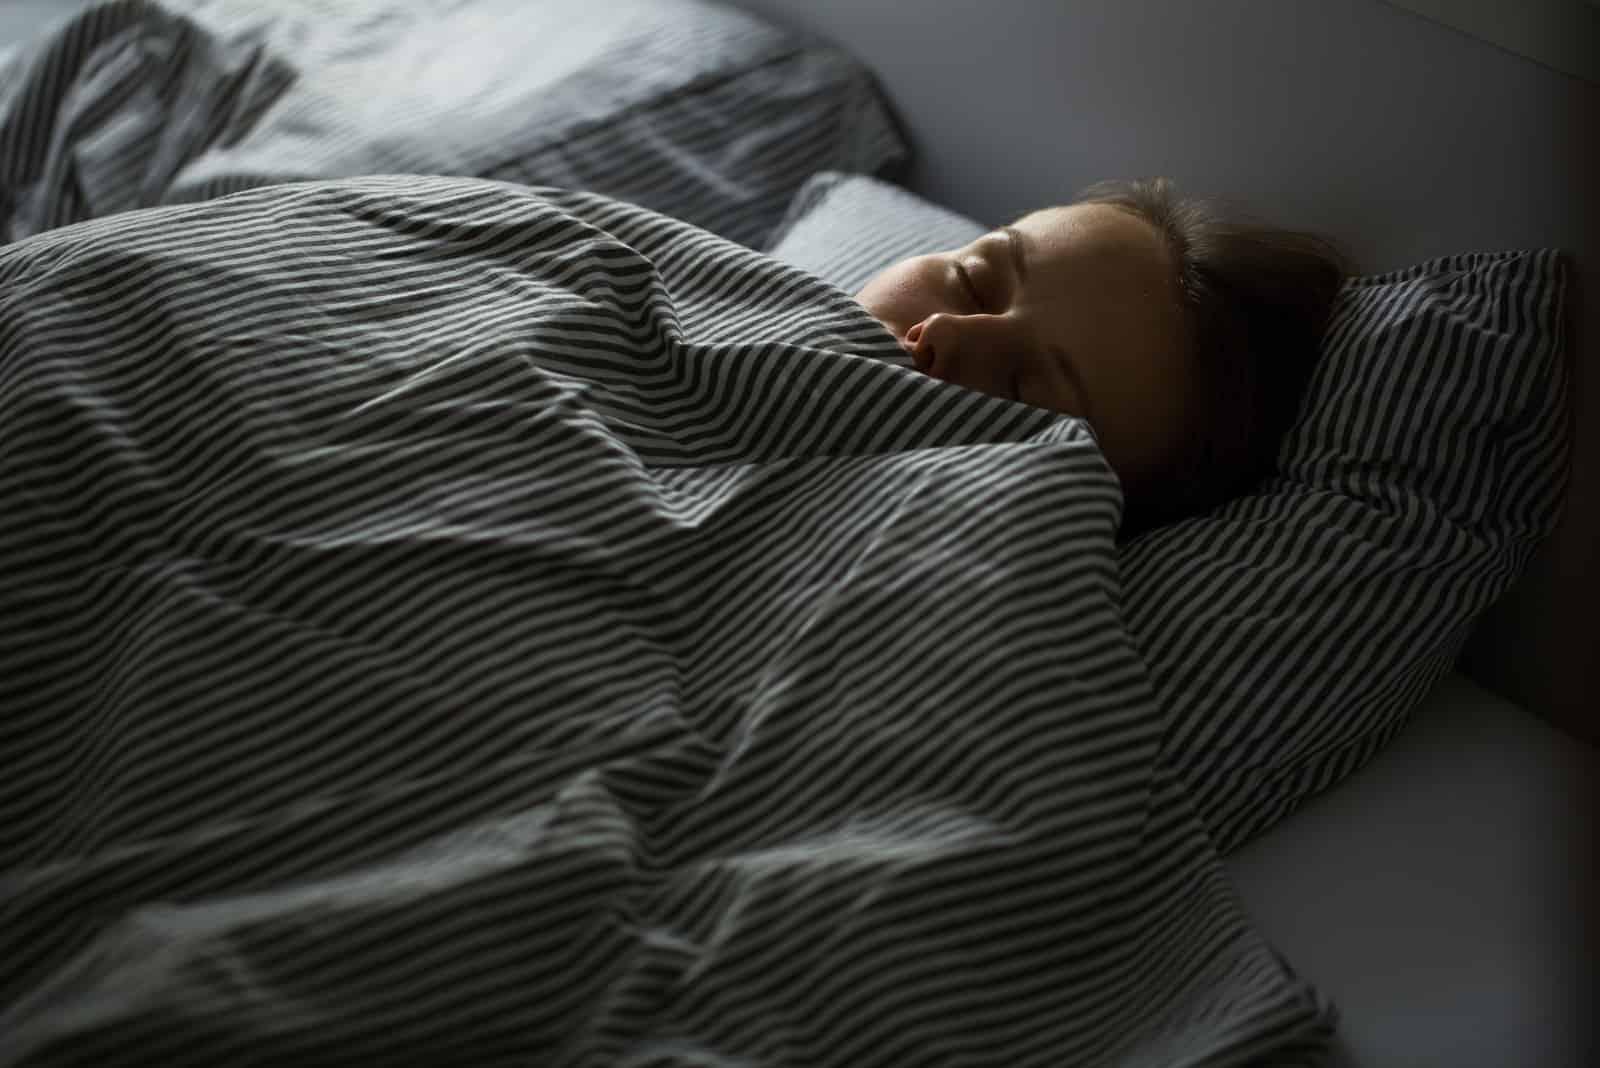 la jeune fille endormie s'est bourrée d'une couette